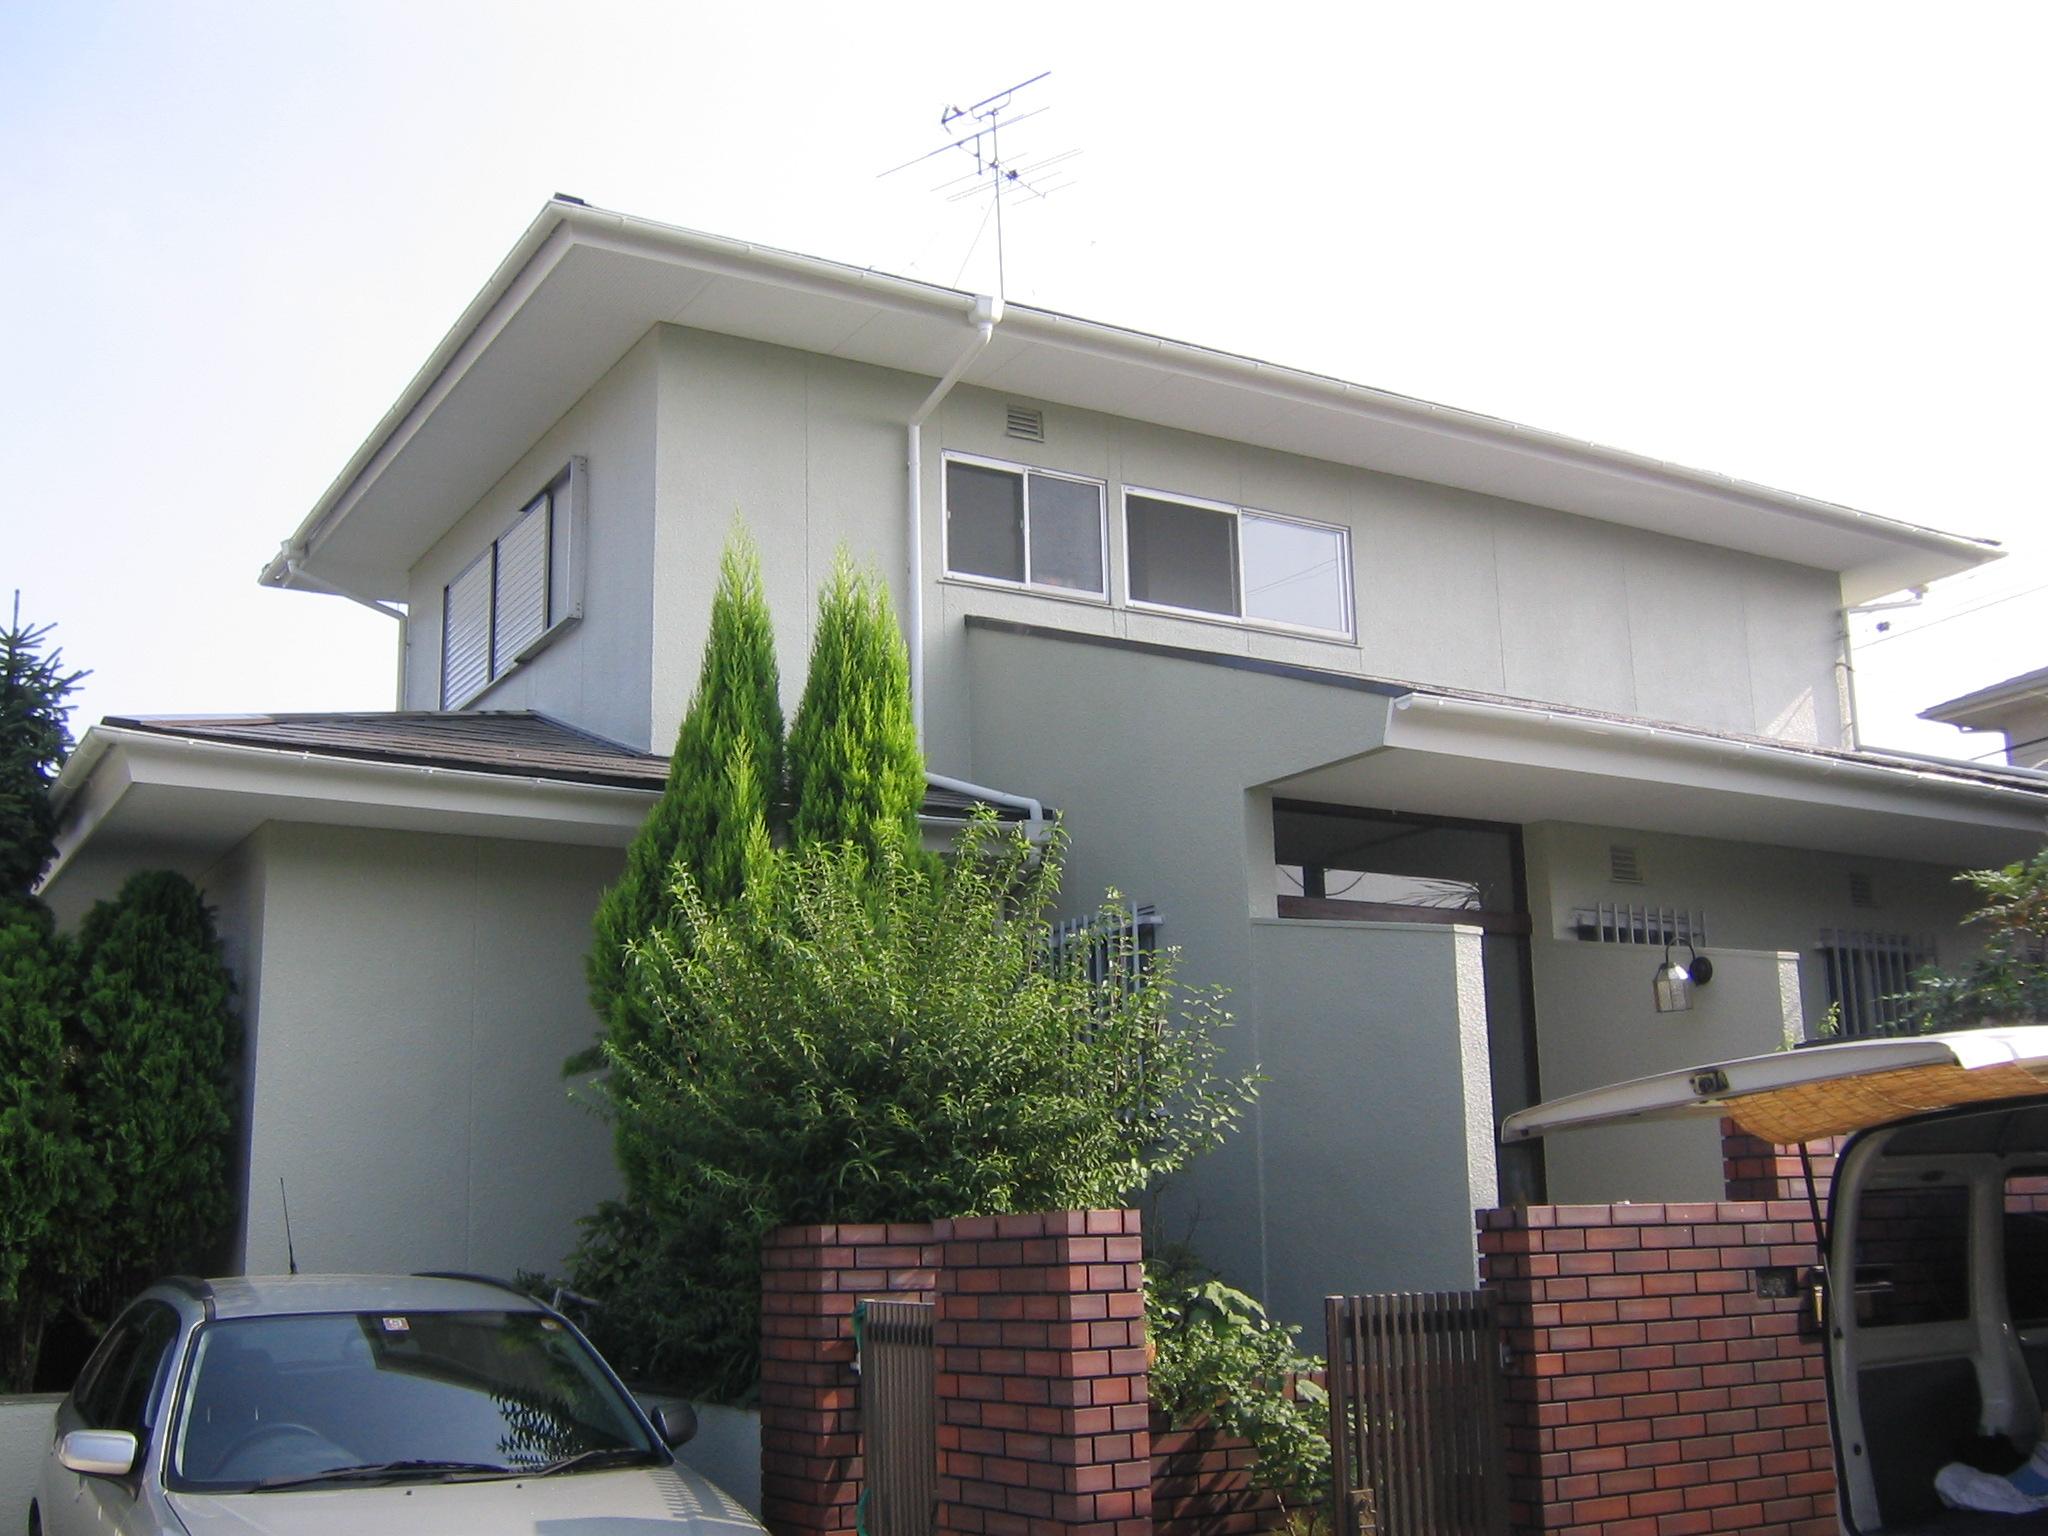 奈良県奈良市 T様邸 外壁・屋根塗装工事